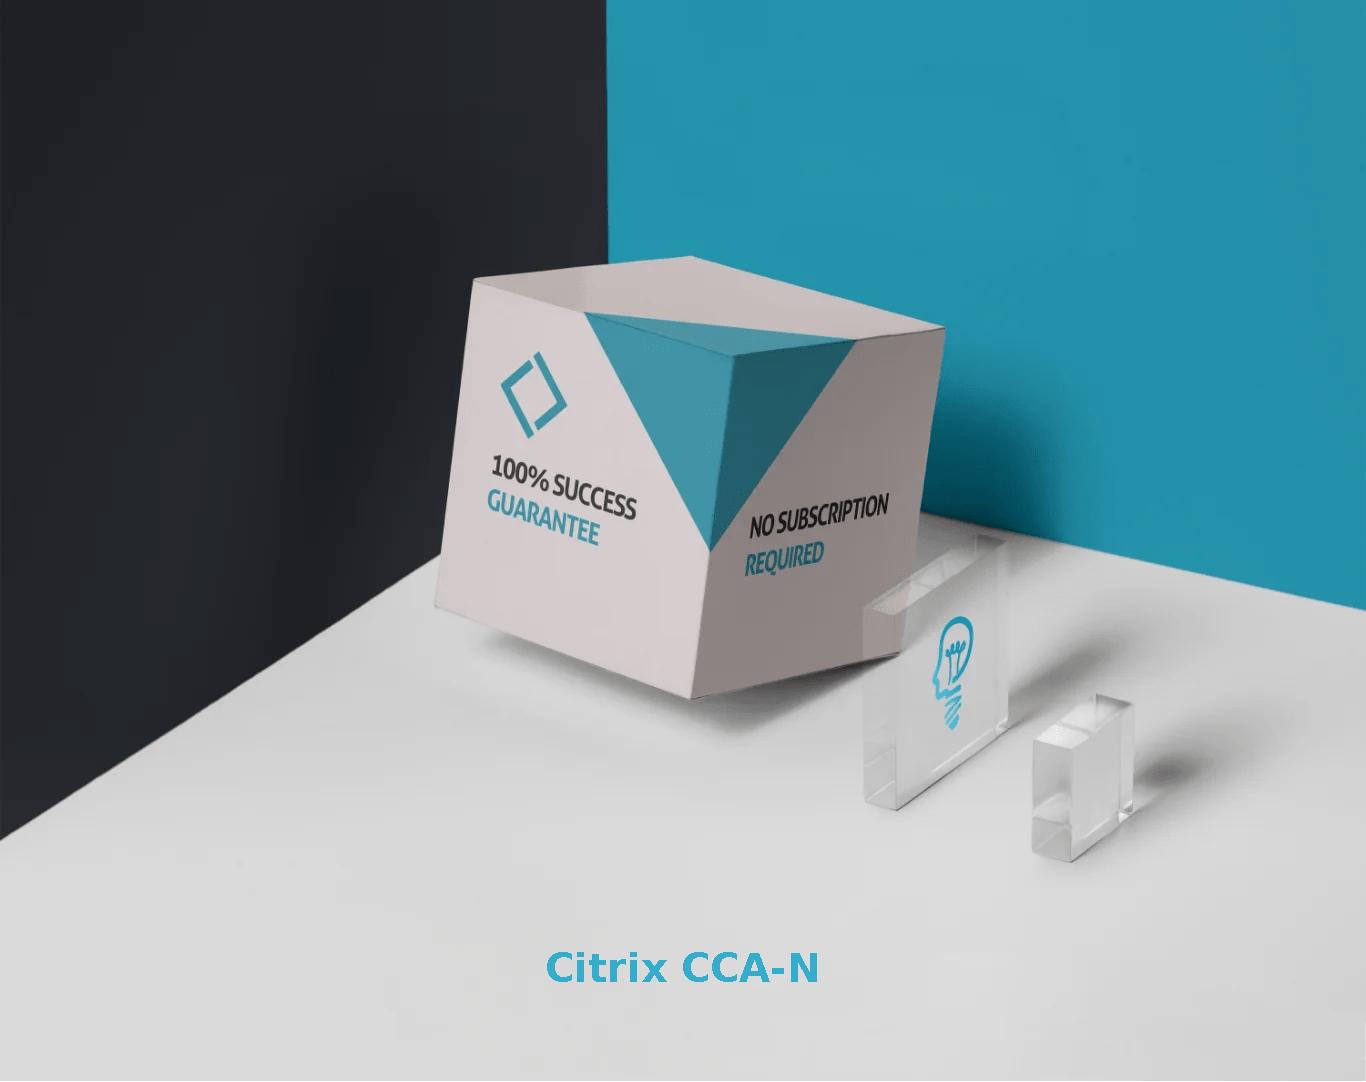 Citrix CCA-N Exams